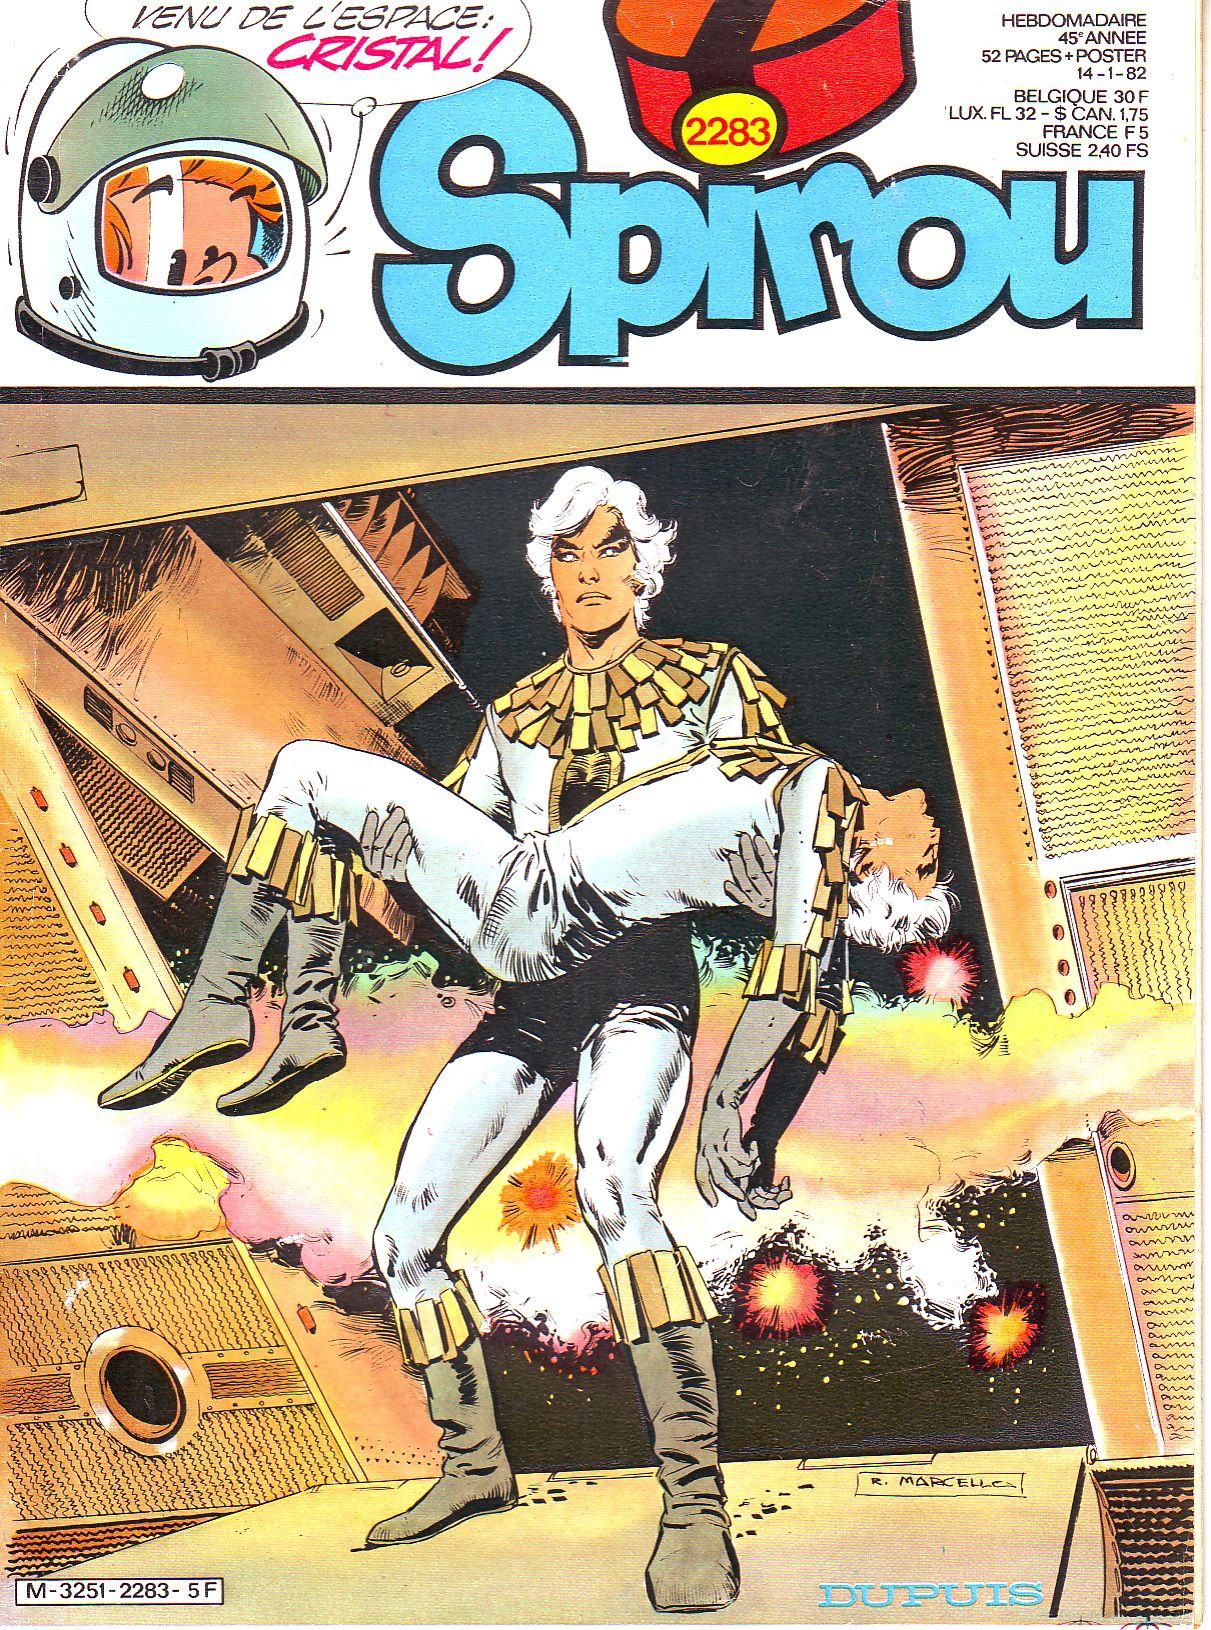 Le journal de Spirou 2283